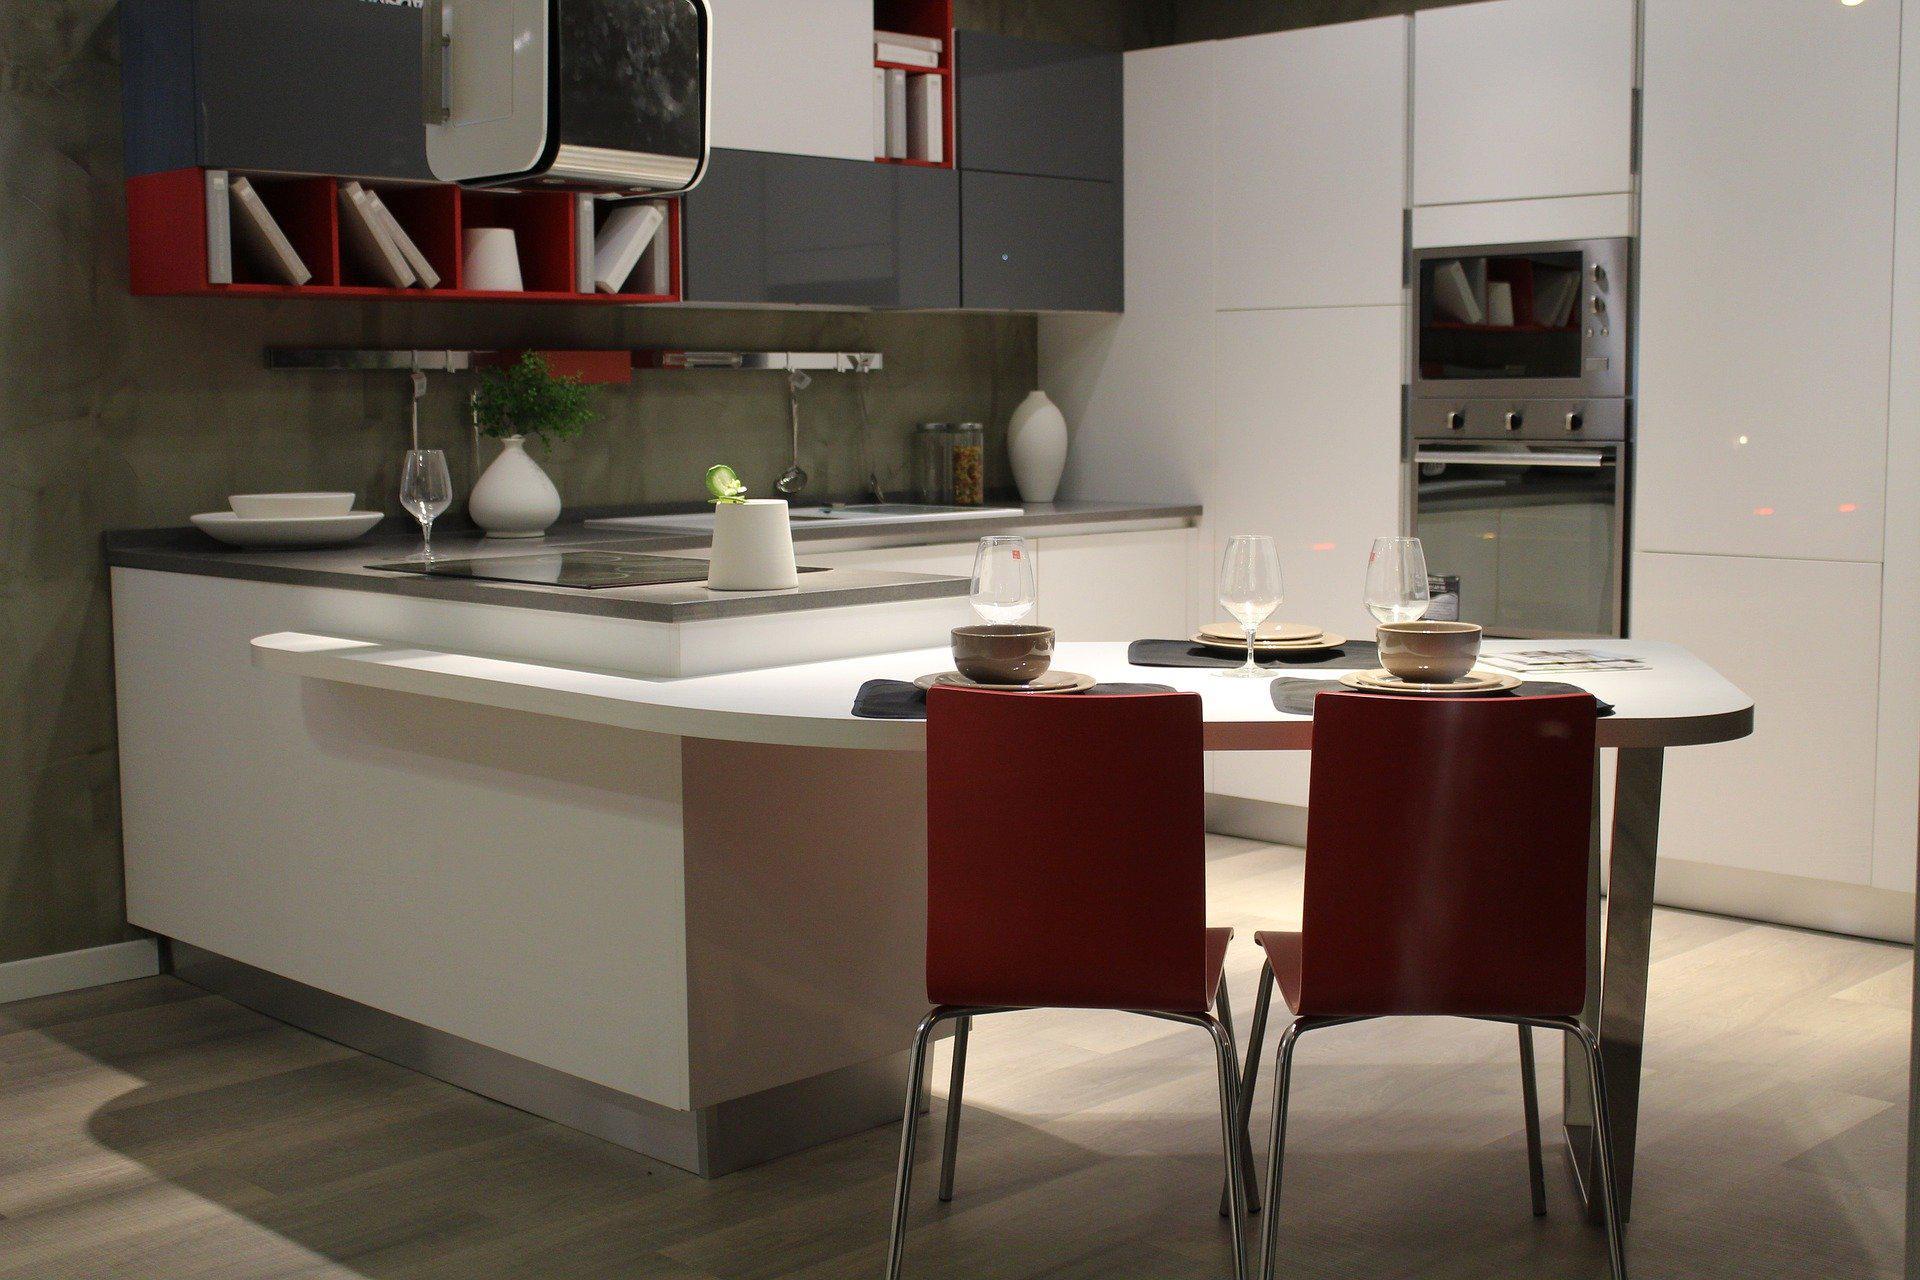 Mała kuchnia w bloku – jak ją urządzić?